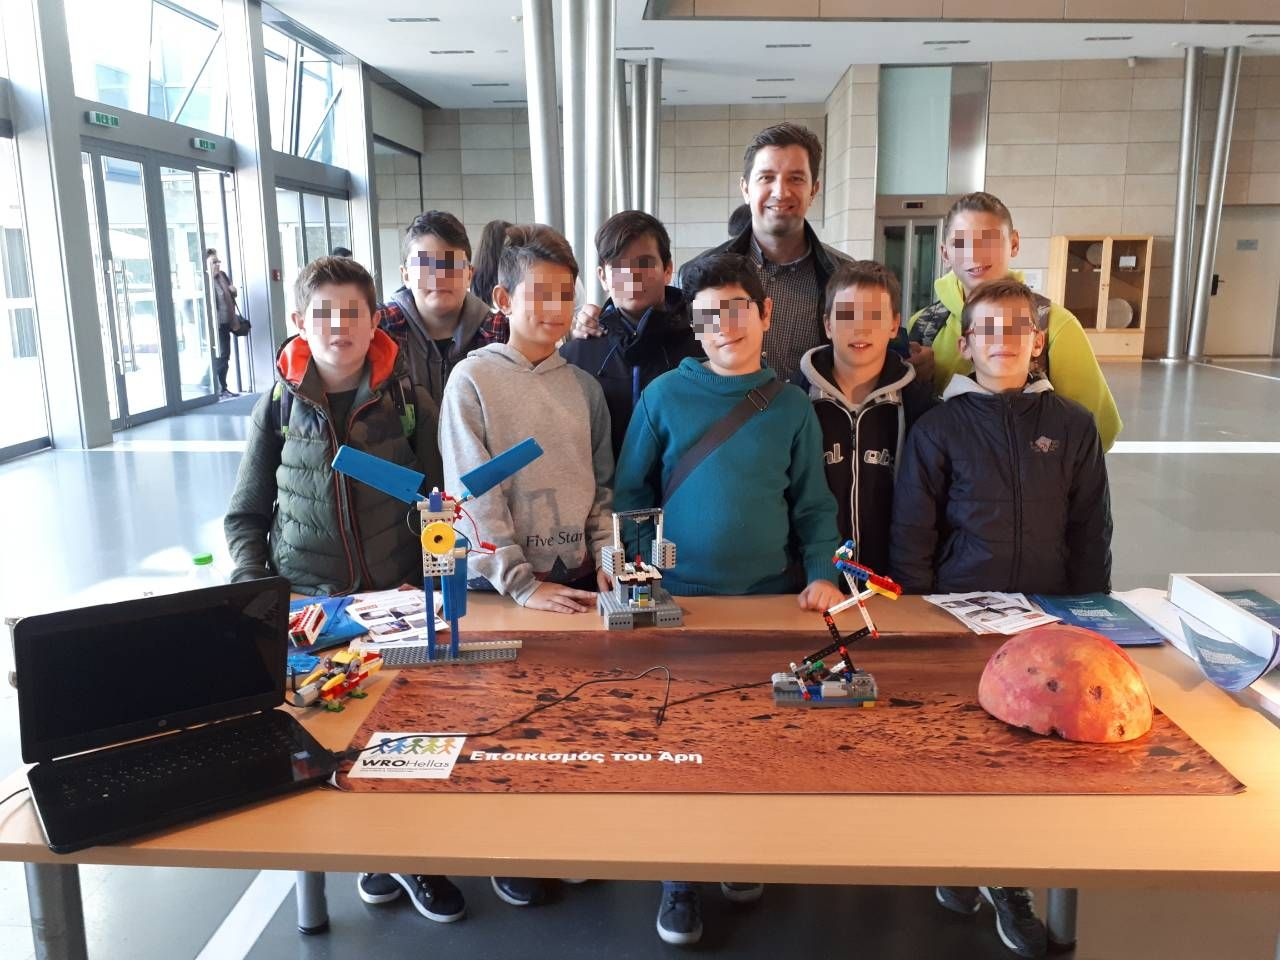 Παρουσίαση του Πανελλήνιου Διαγωνισμού Εκπαιδευτικής Ρομποτικής 2018